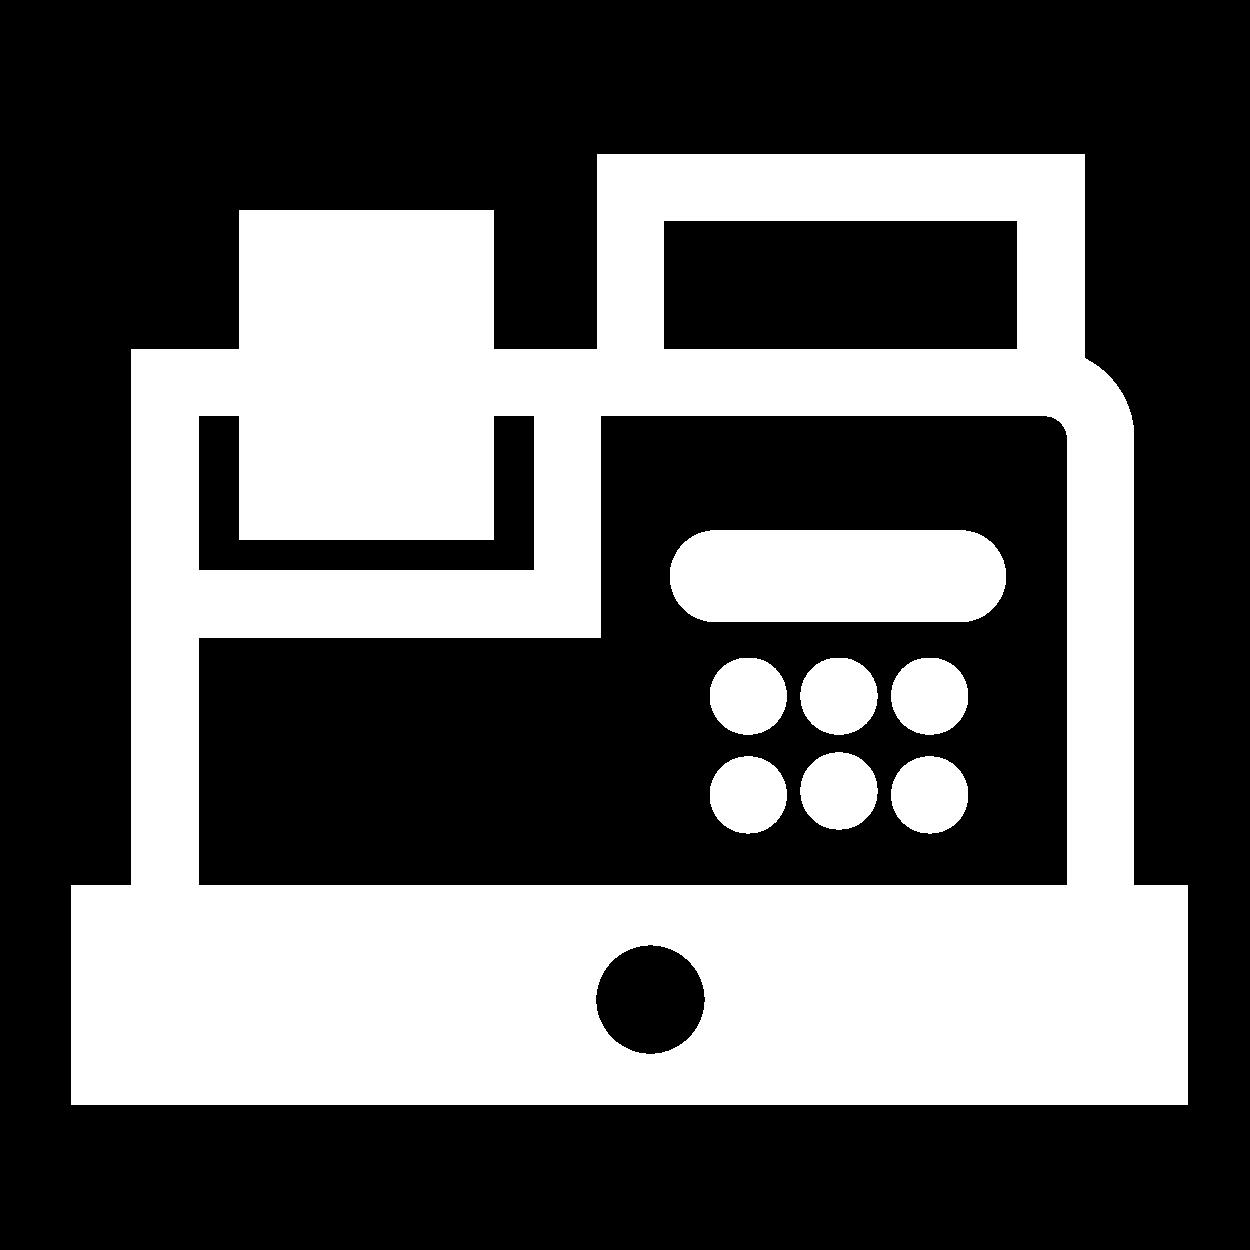 icone frente de caixa